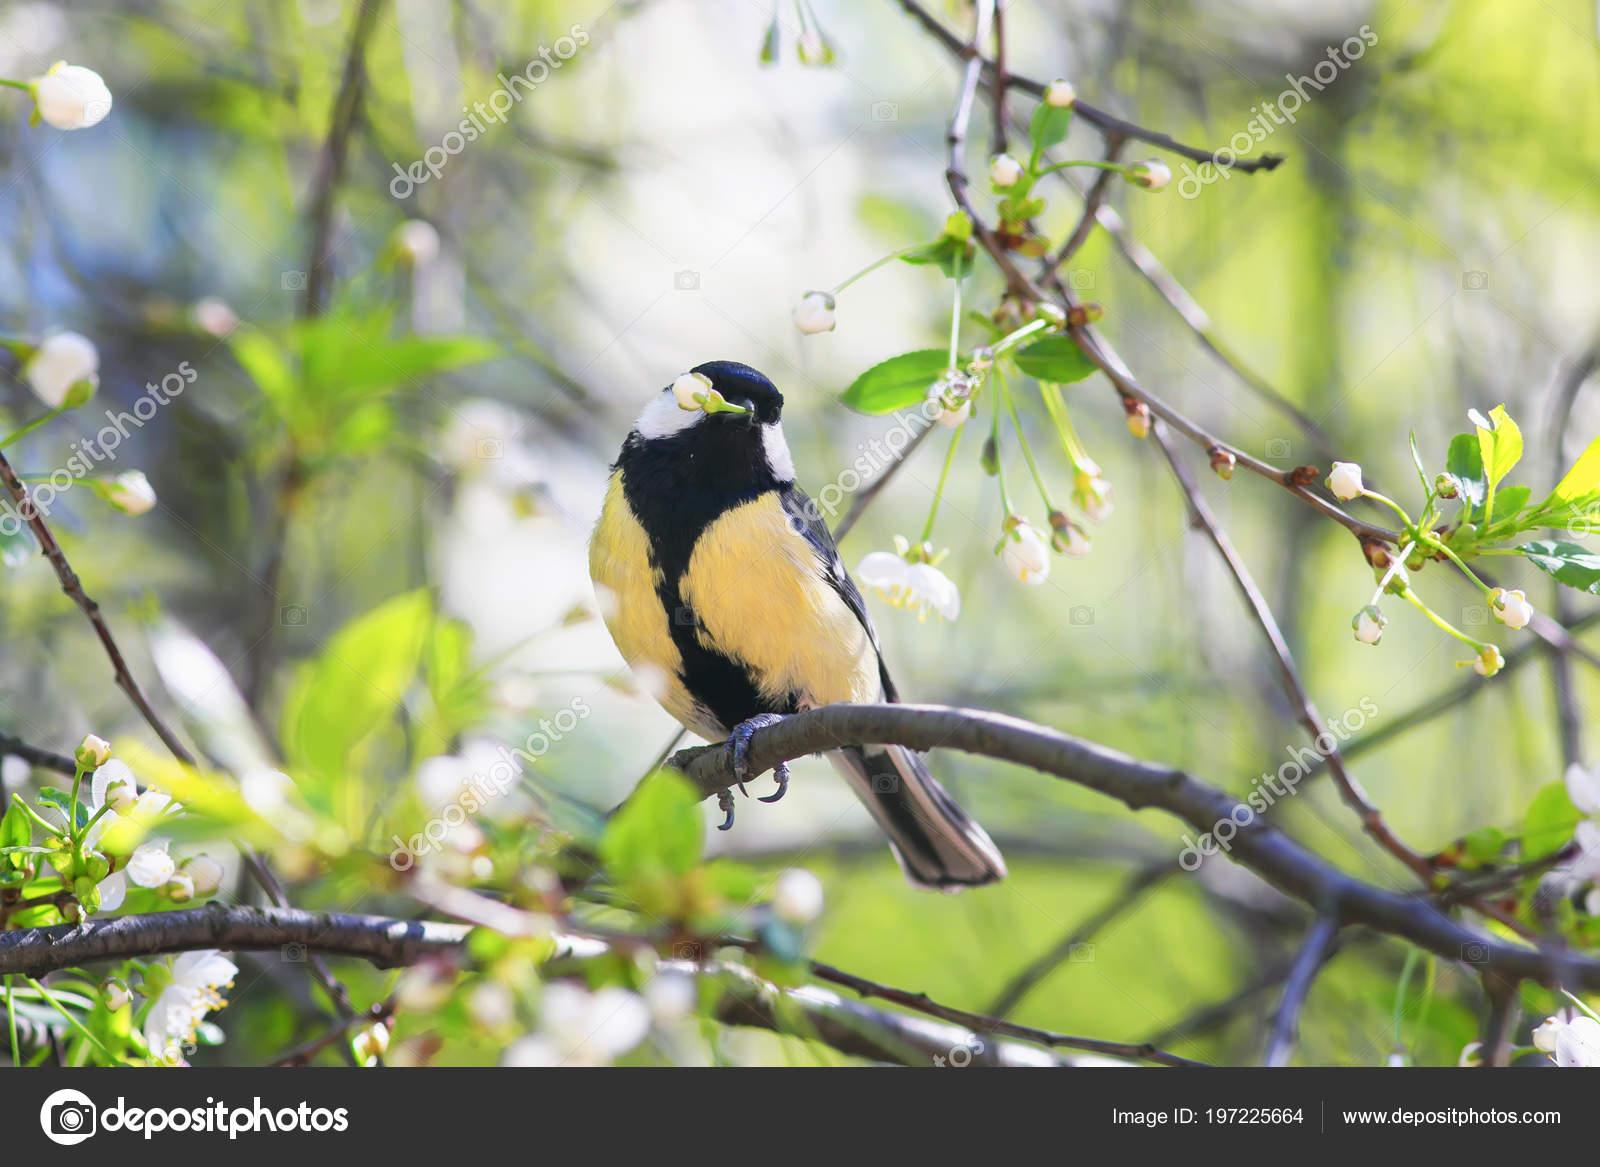 Cute Bird Tit Sitting Garden Cherry Branch White Spring Flowers